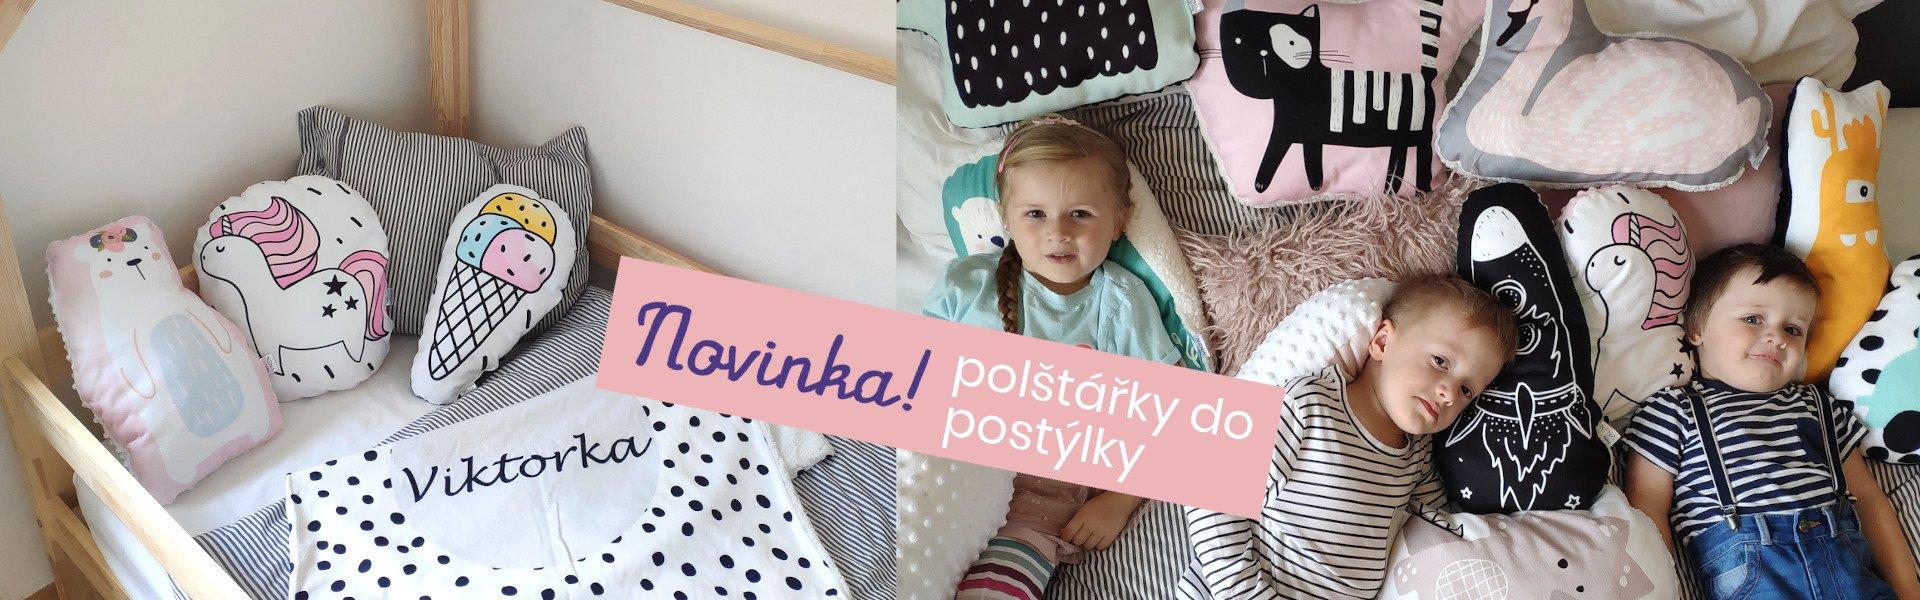 slider_polštářky